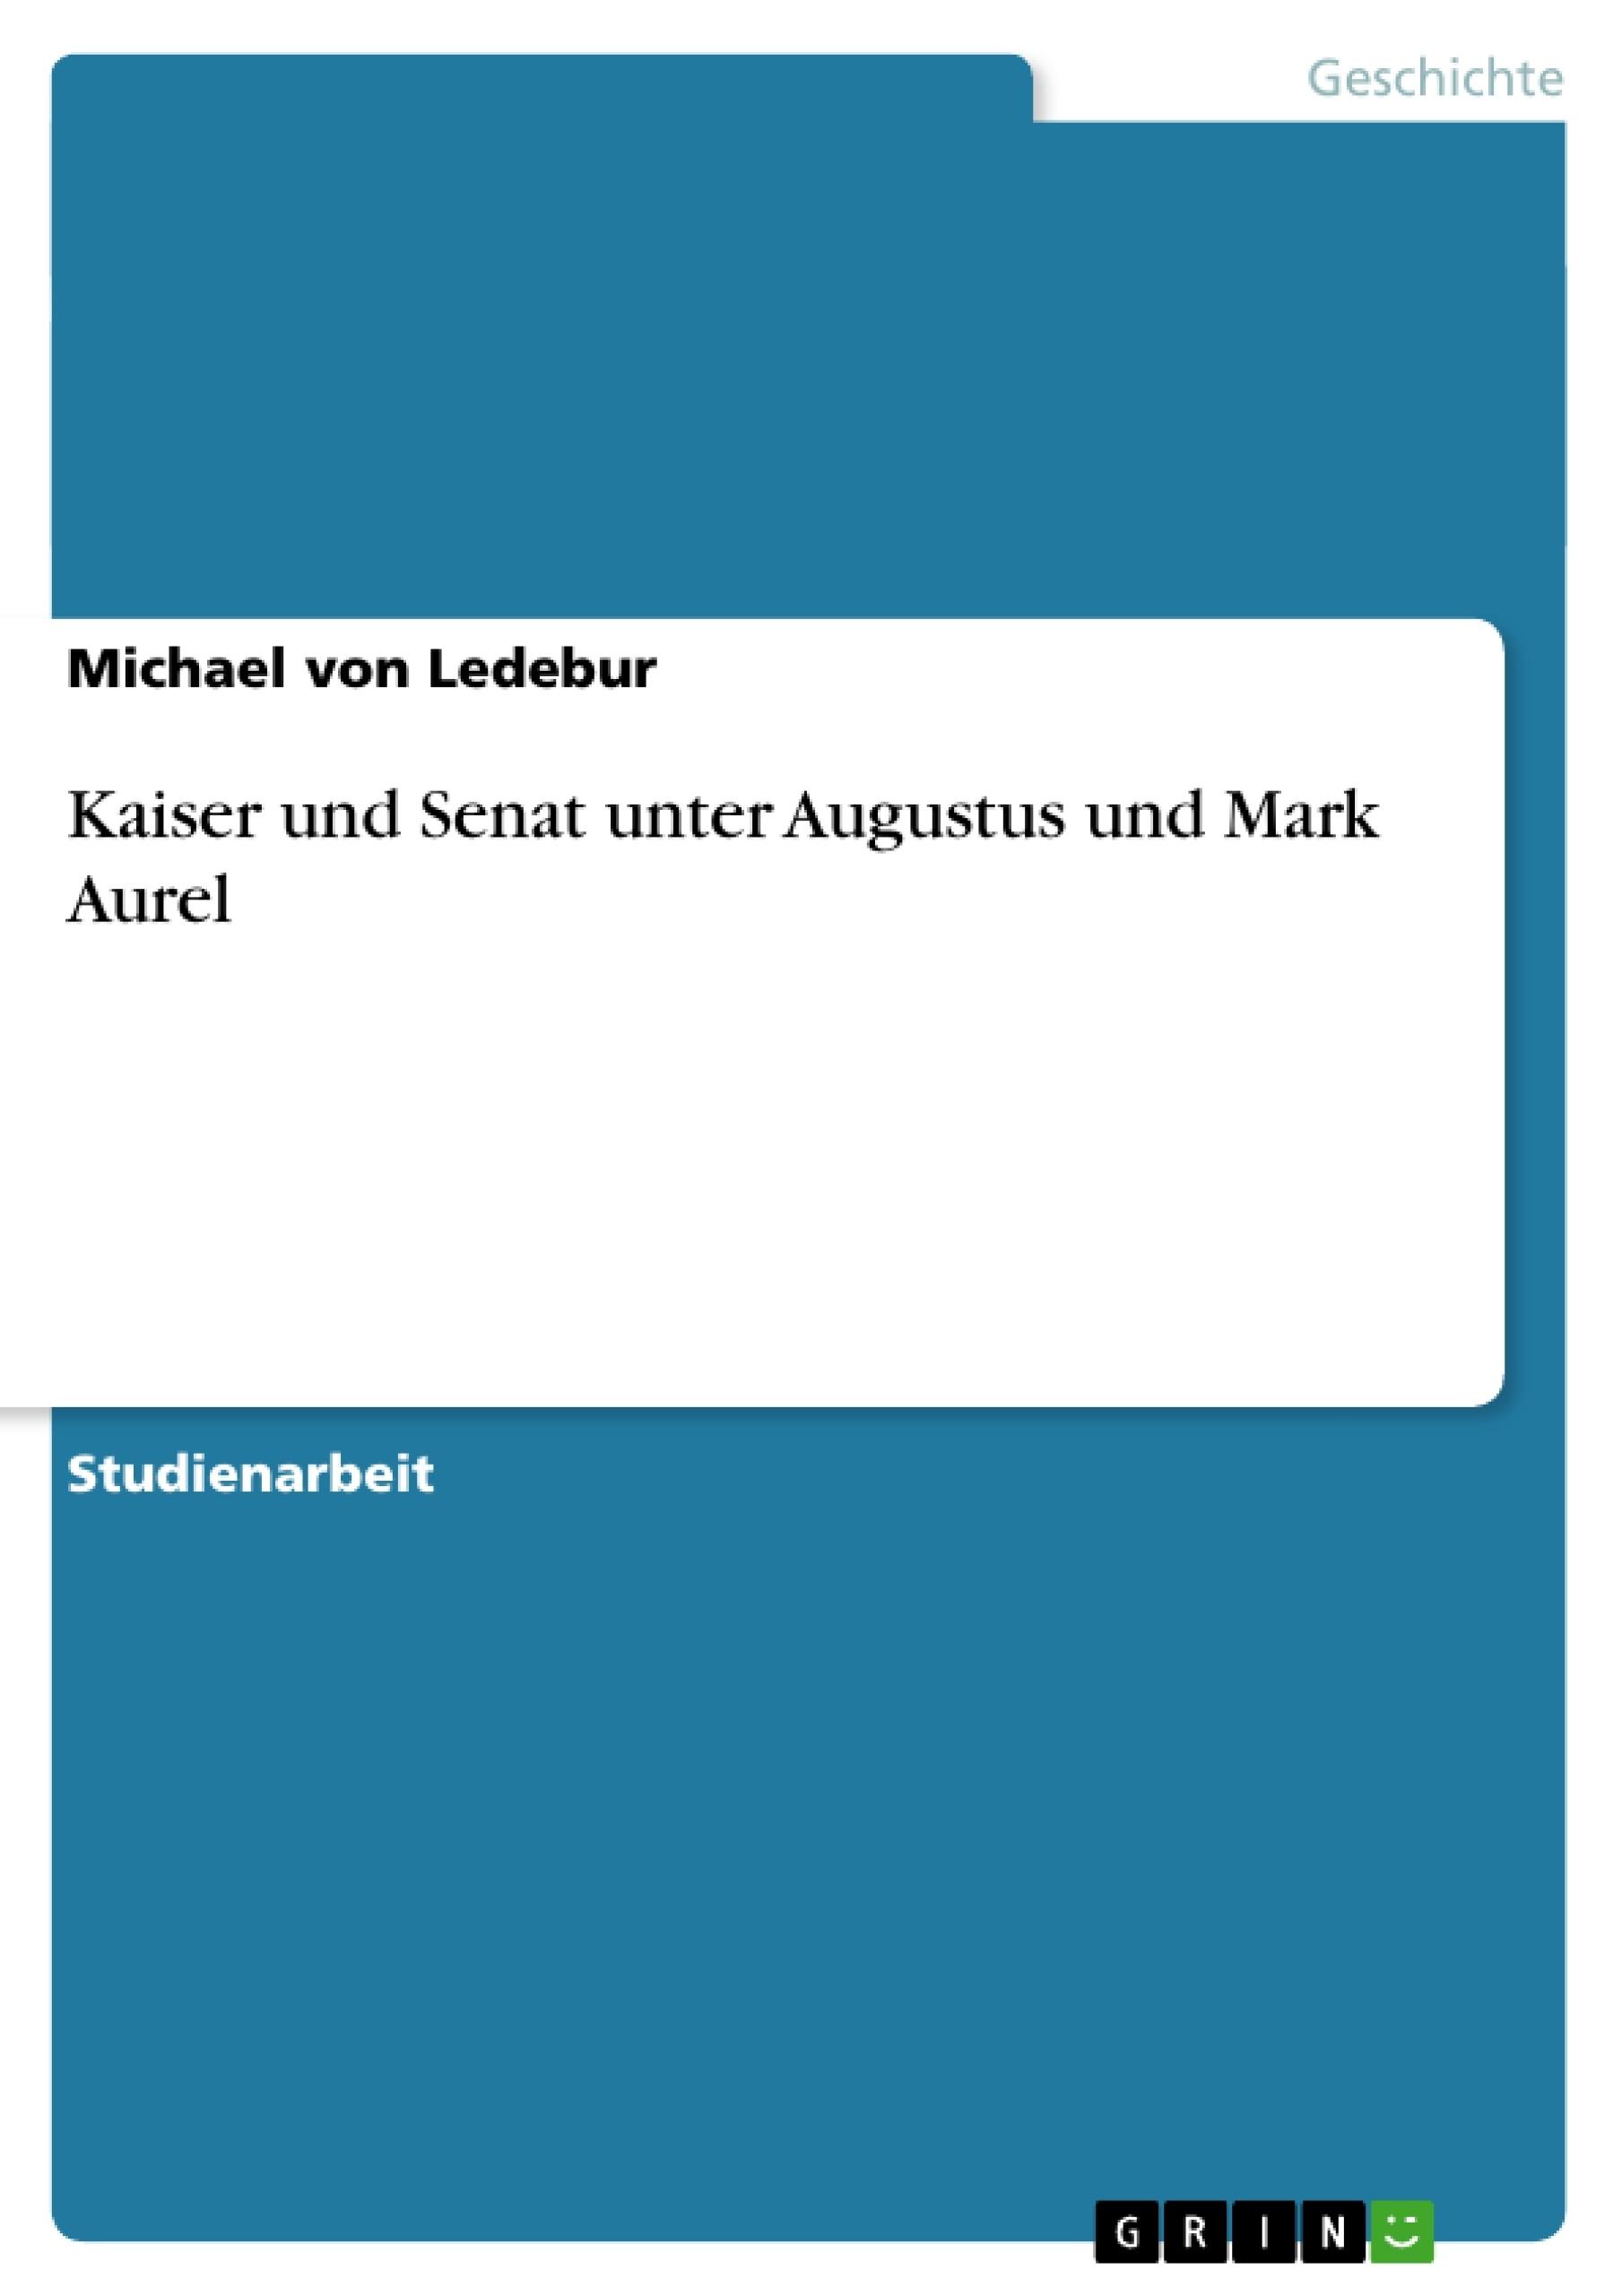 Titel: Kaiser und Senat unter Augustus und Mark Aurel